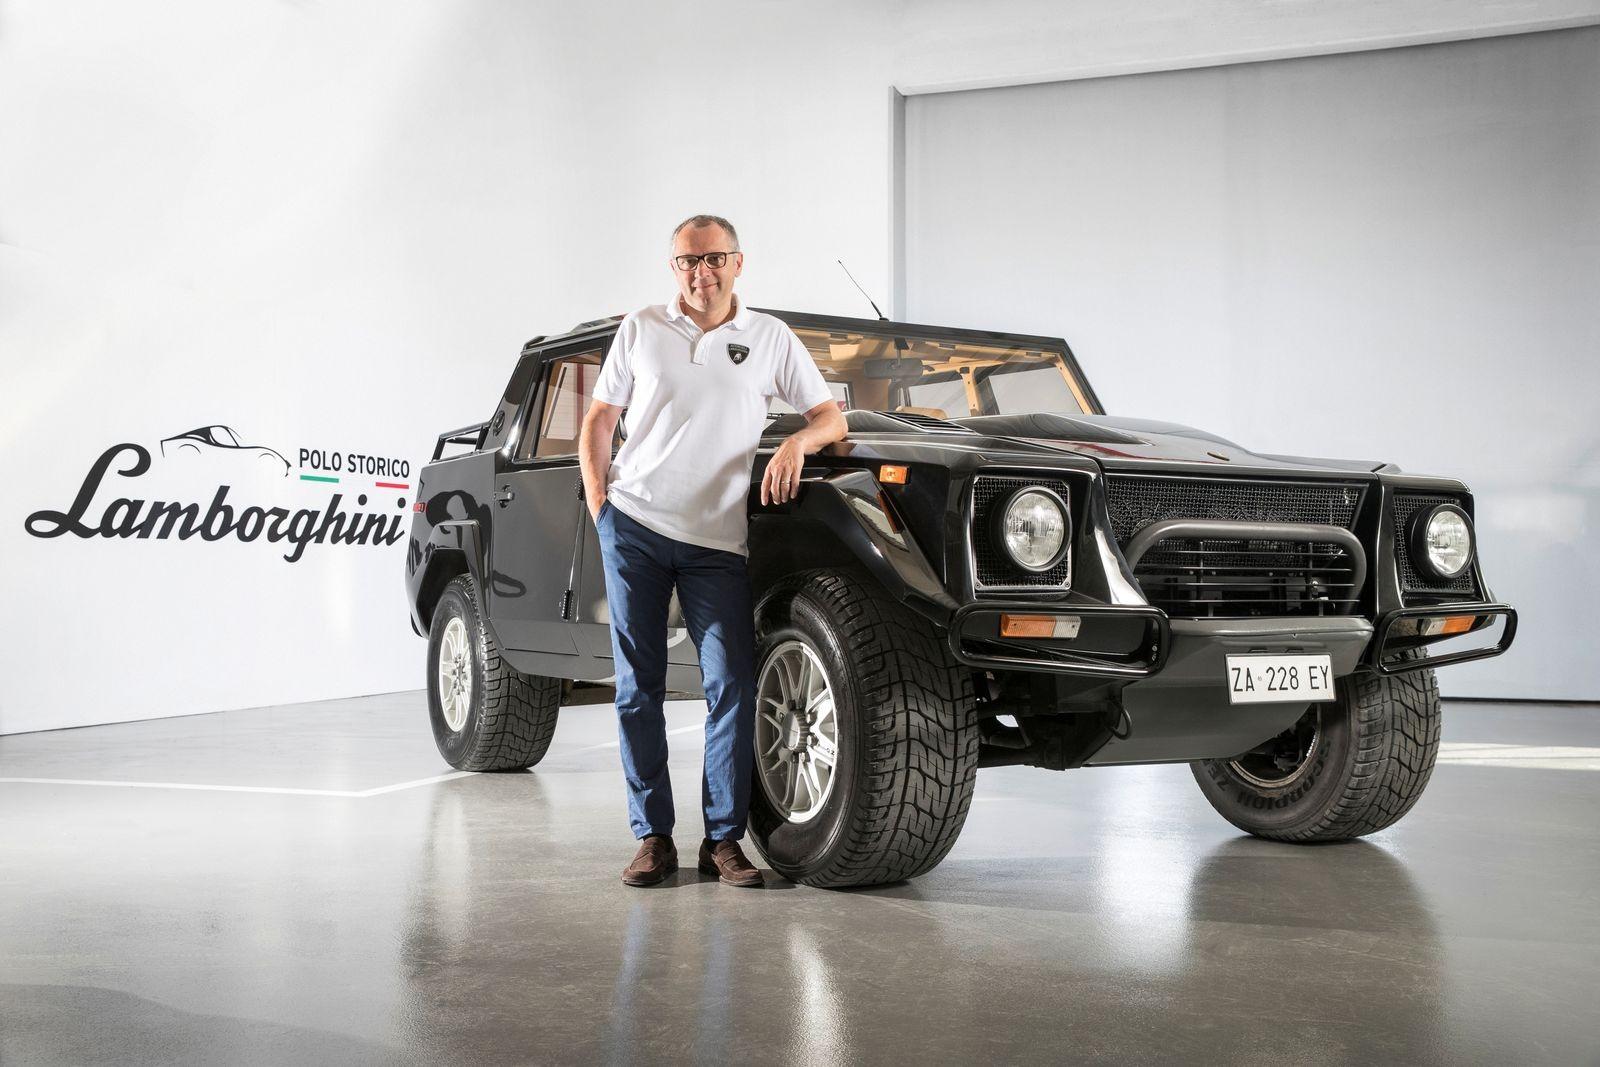 Глава Lamborghini Стефано Доменикали морально готов к выпуску наследника LM002, который позволит итальянской фирме стабильно продавать более 10 тысяч автомобилей в год.